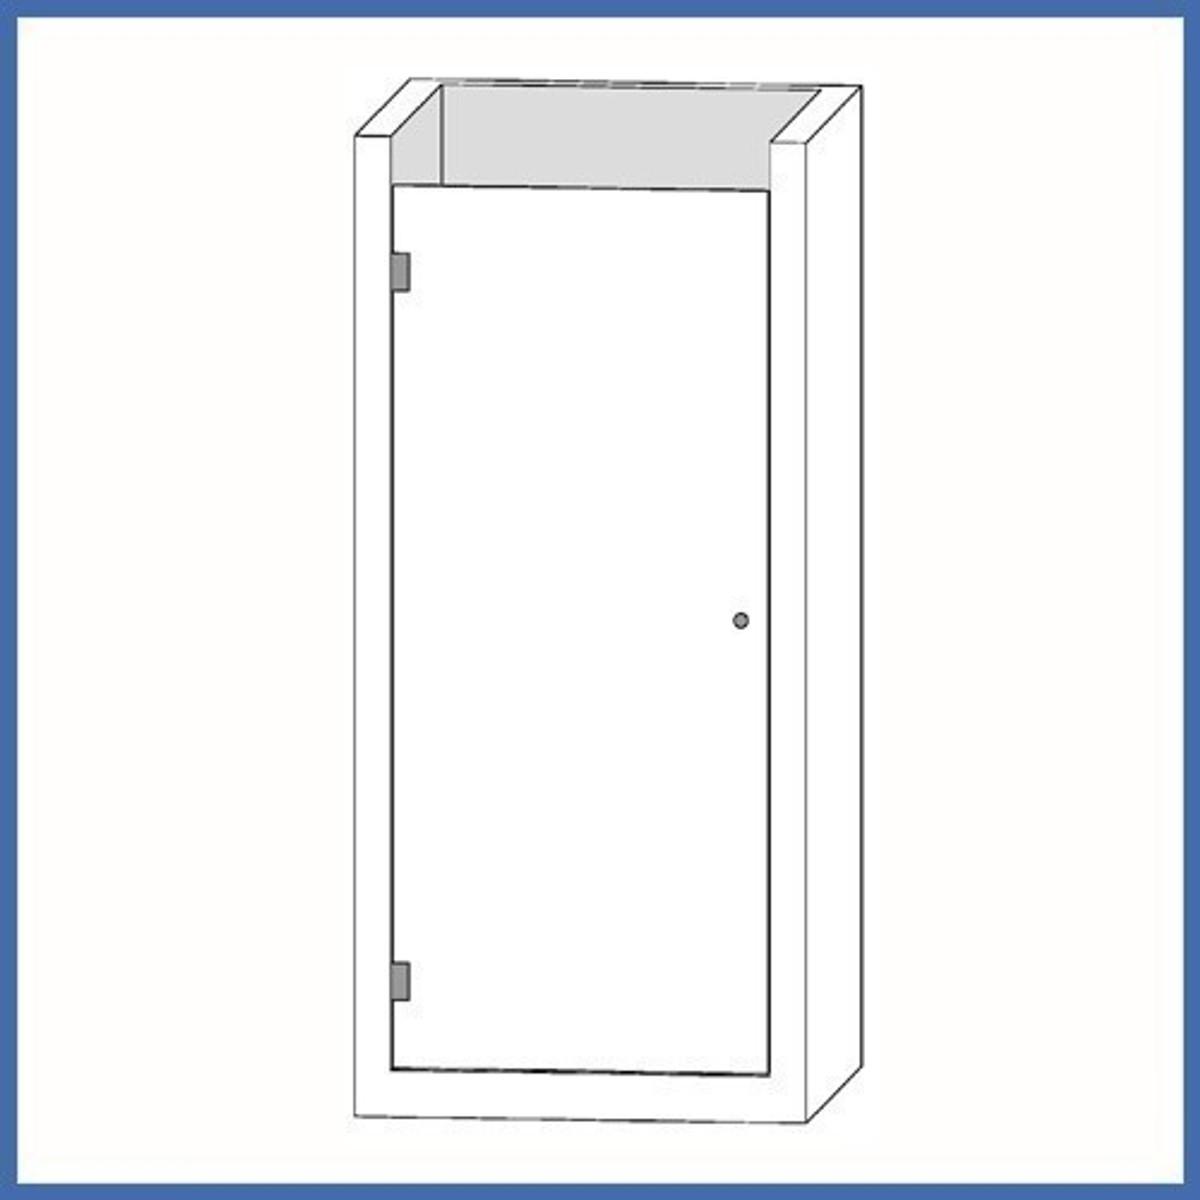 """Nischen-Dusche """"Door"""", 2000 x 995-1000mm, Finesse Line, Chrom (Hochglanz)"""